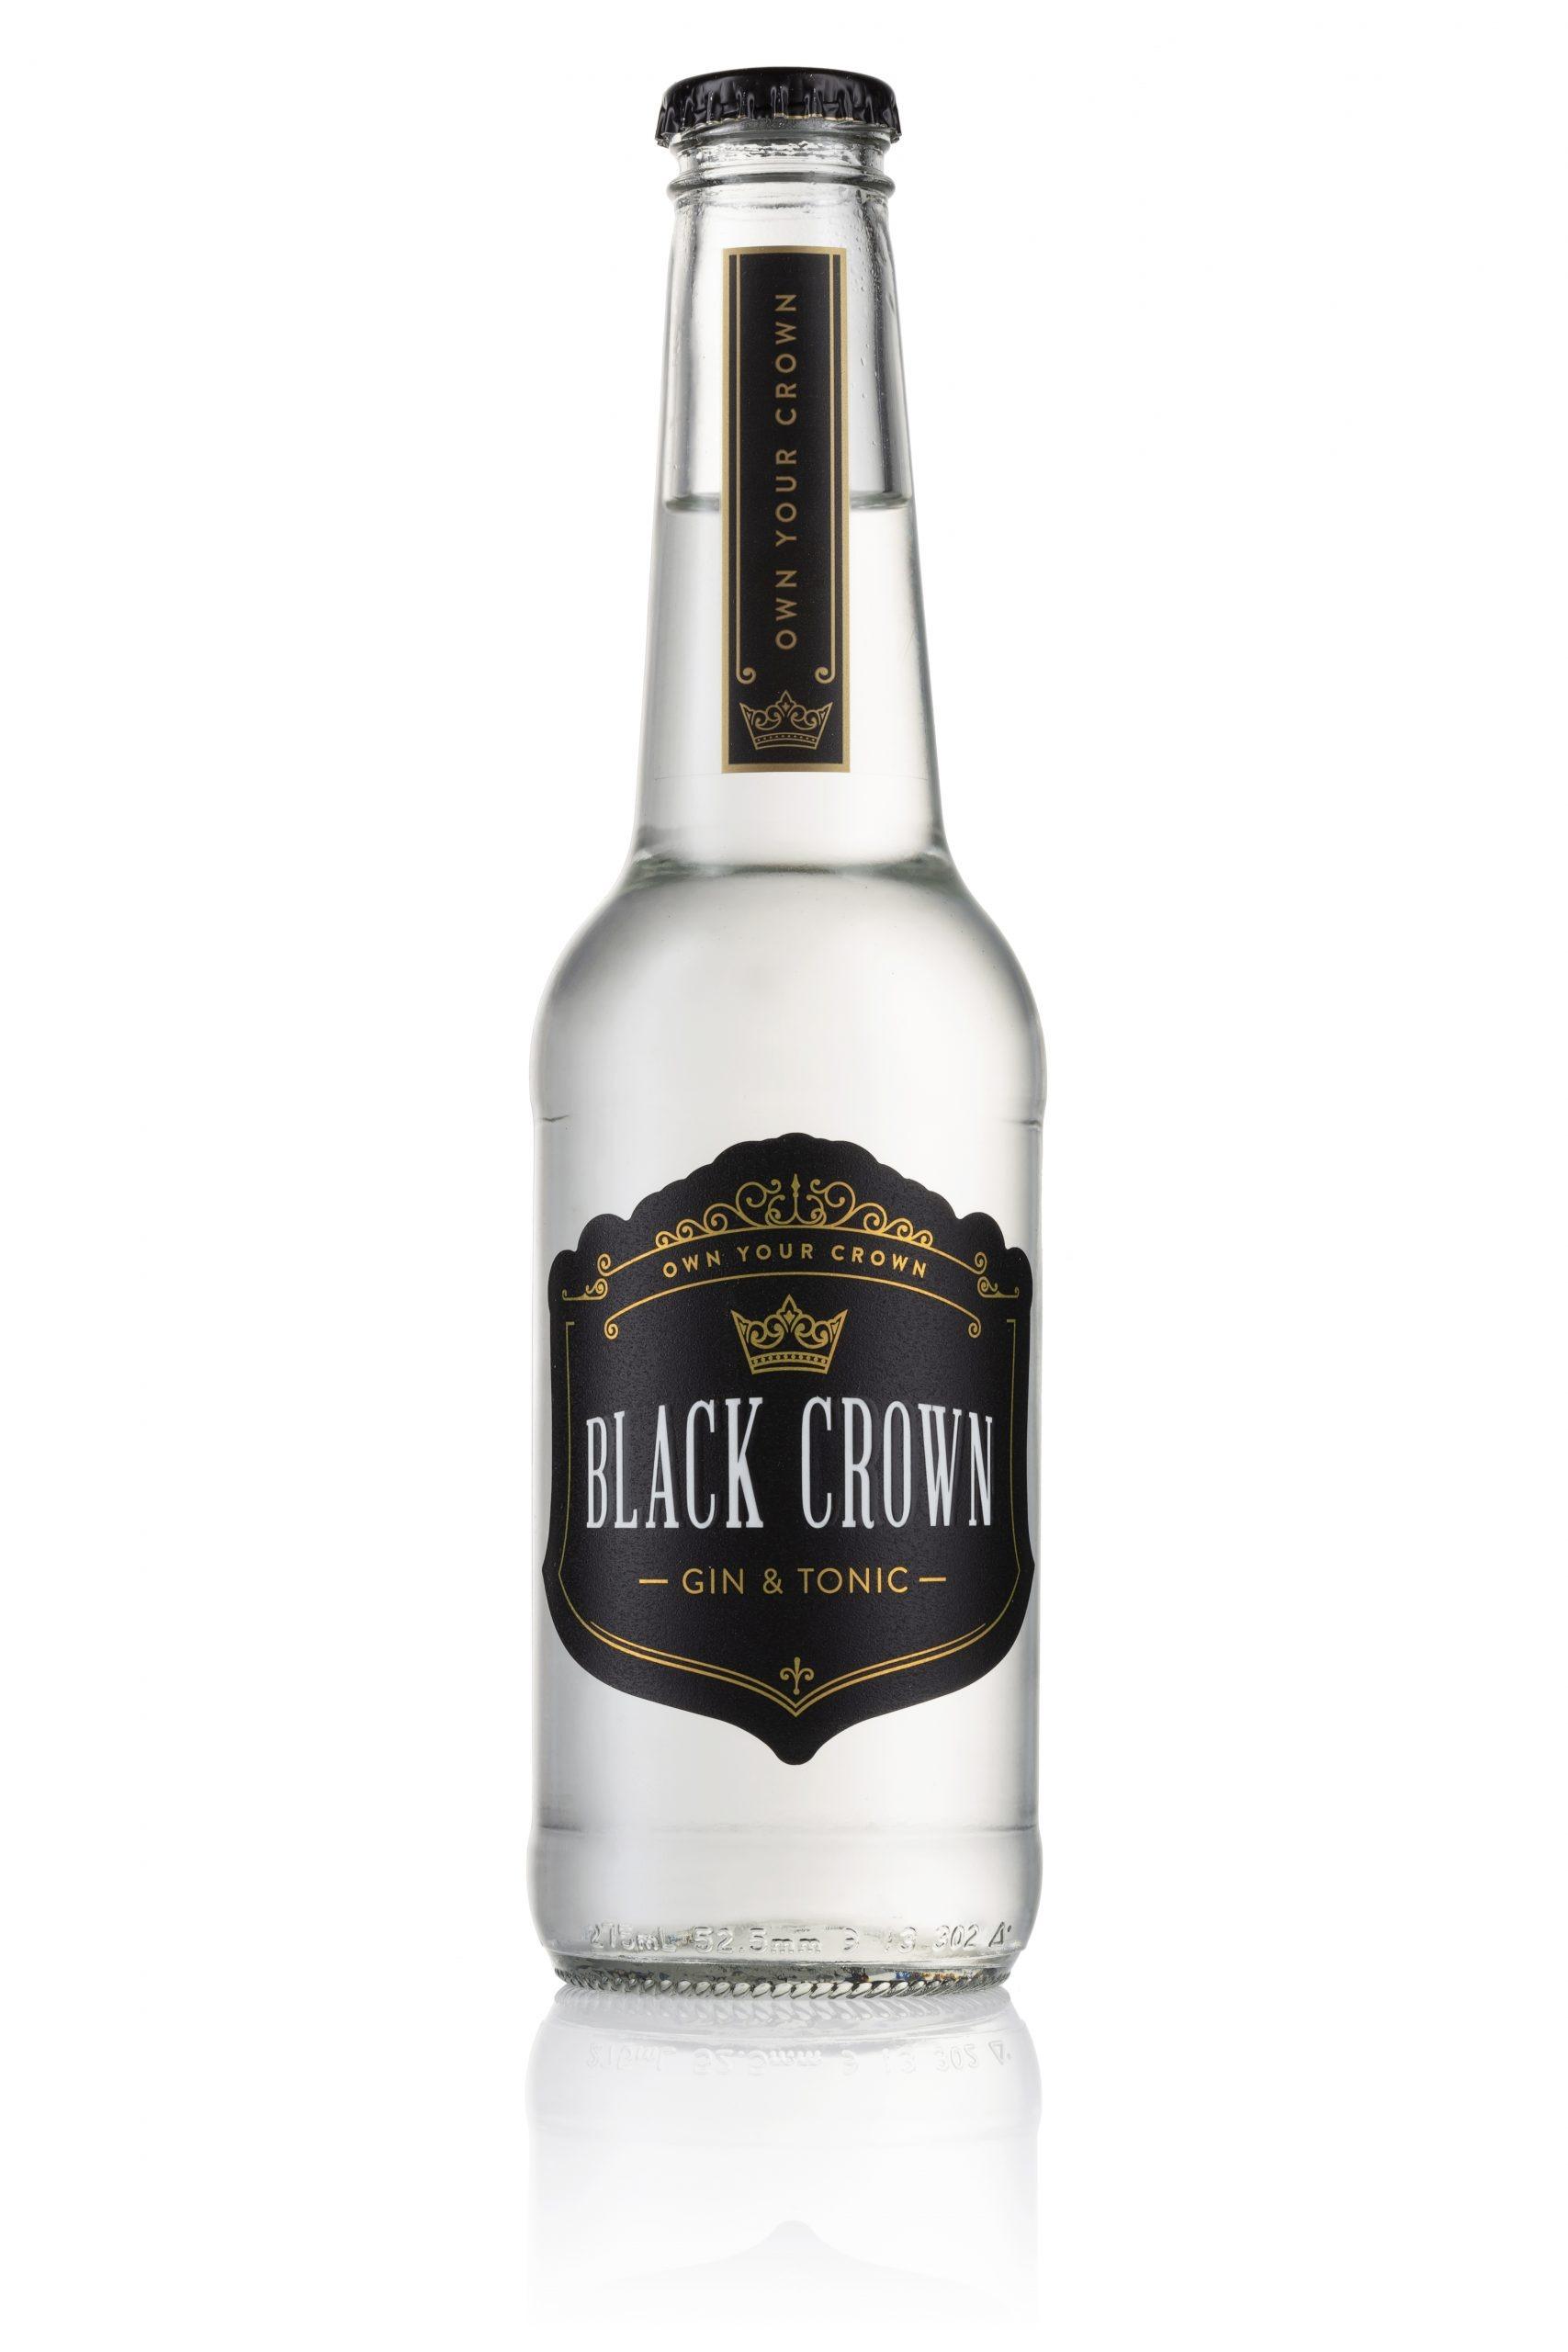 Black Crown G&T